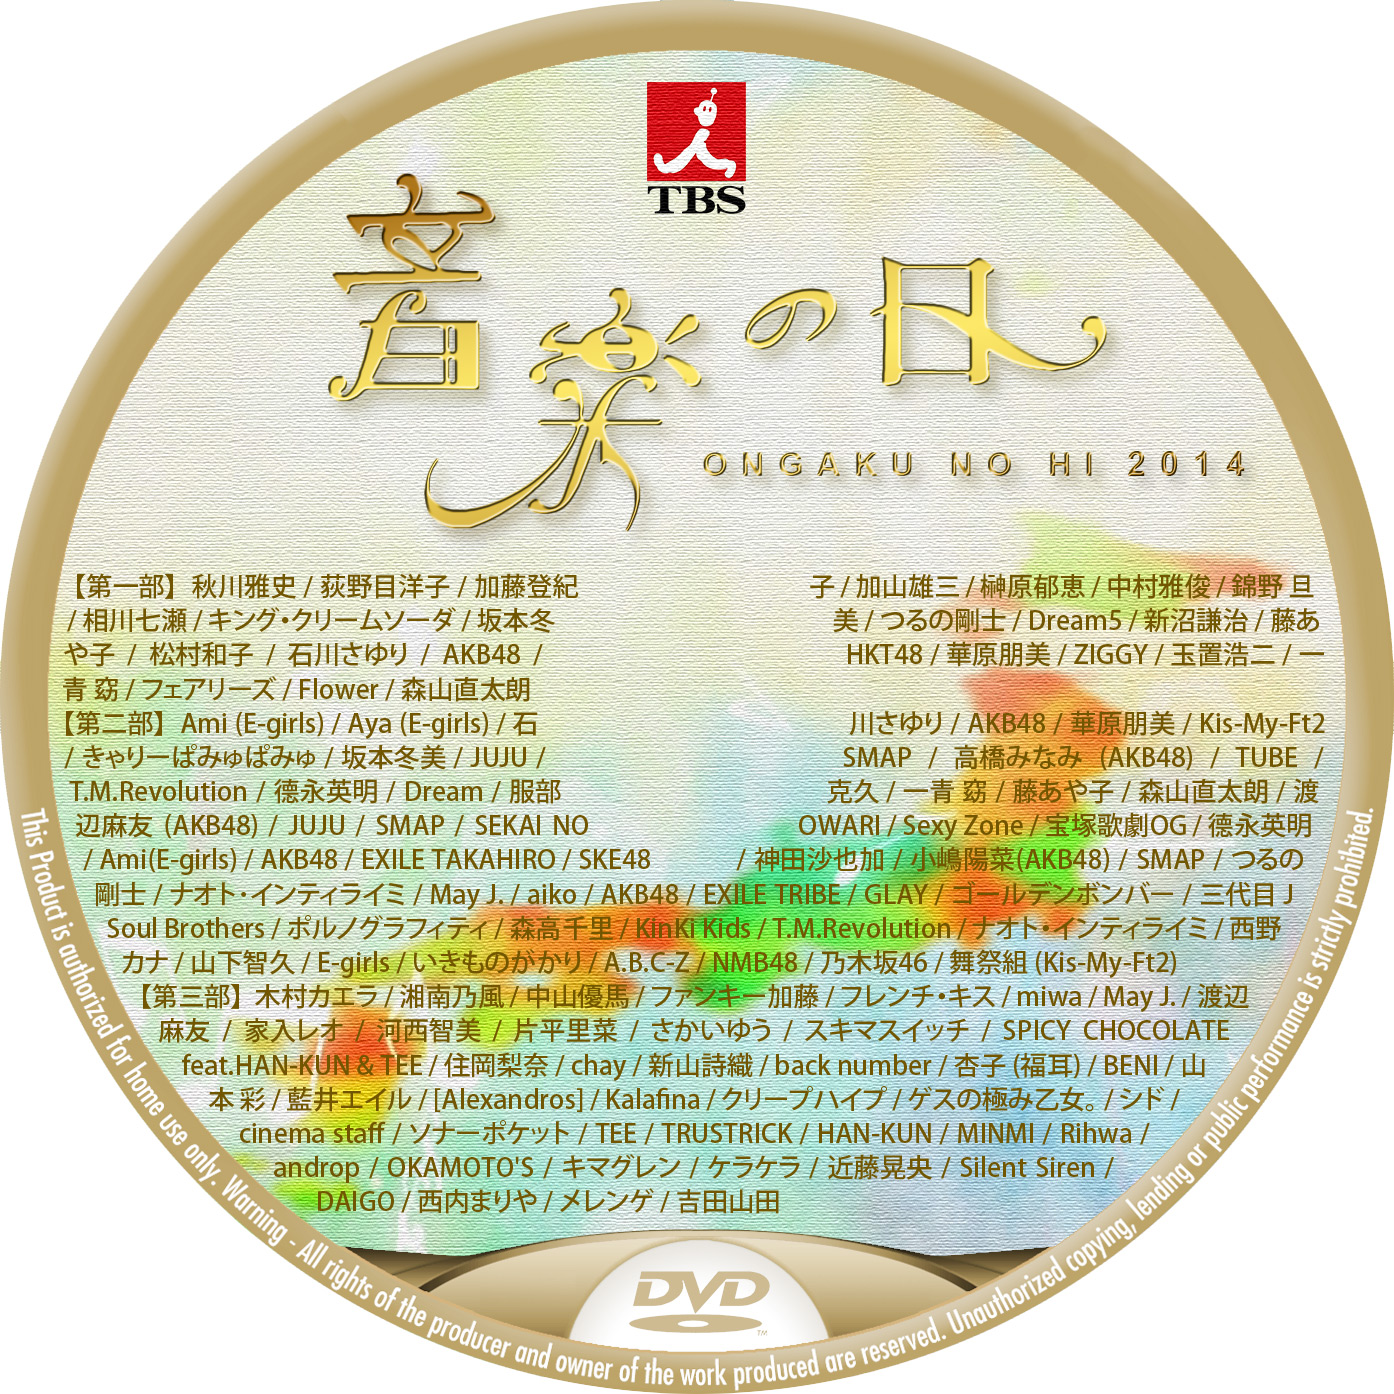 音楽の日 2014 DVDラベル